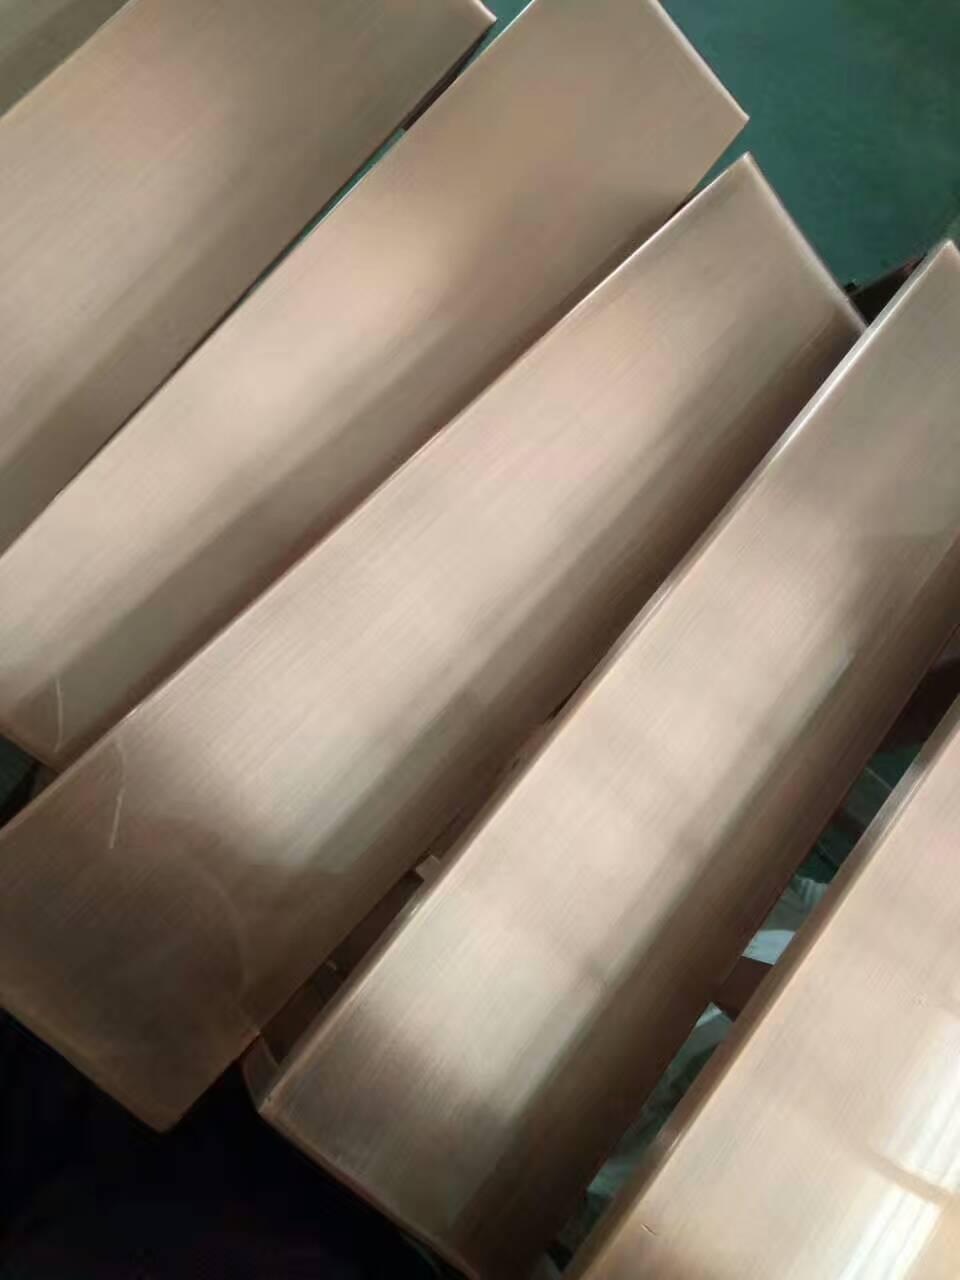 仿紫铜不锈钢板加工厂家  201拉丝红古铜发黑不锈钢板图片